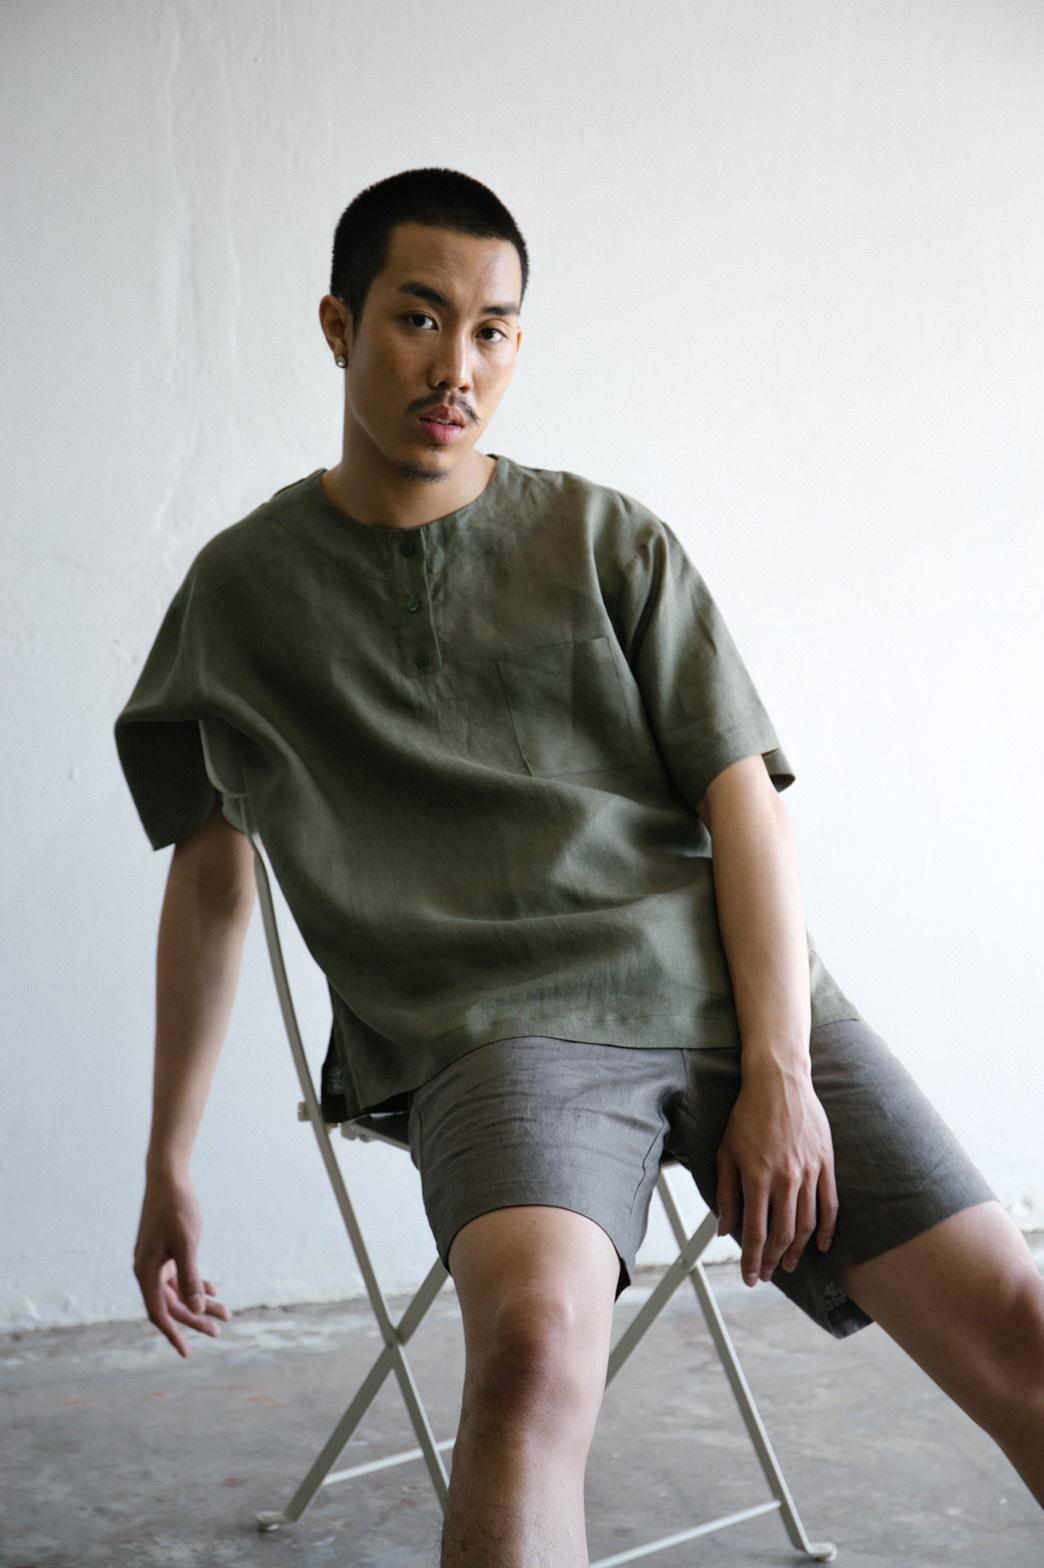 เสื้อเชิ้ต แขนสั้น Light Green Oversized T-shirt - 650 THB